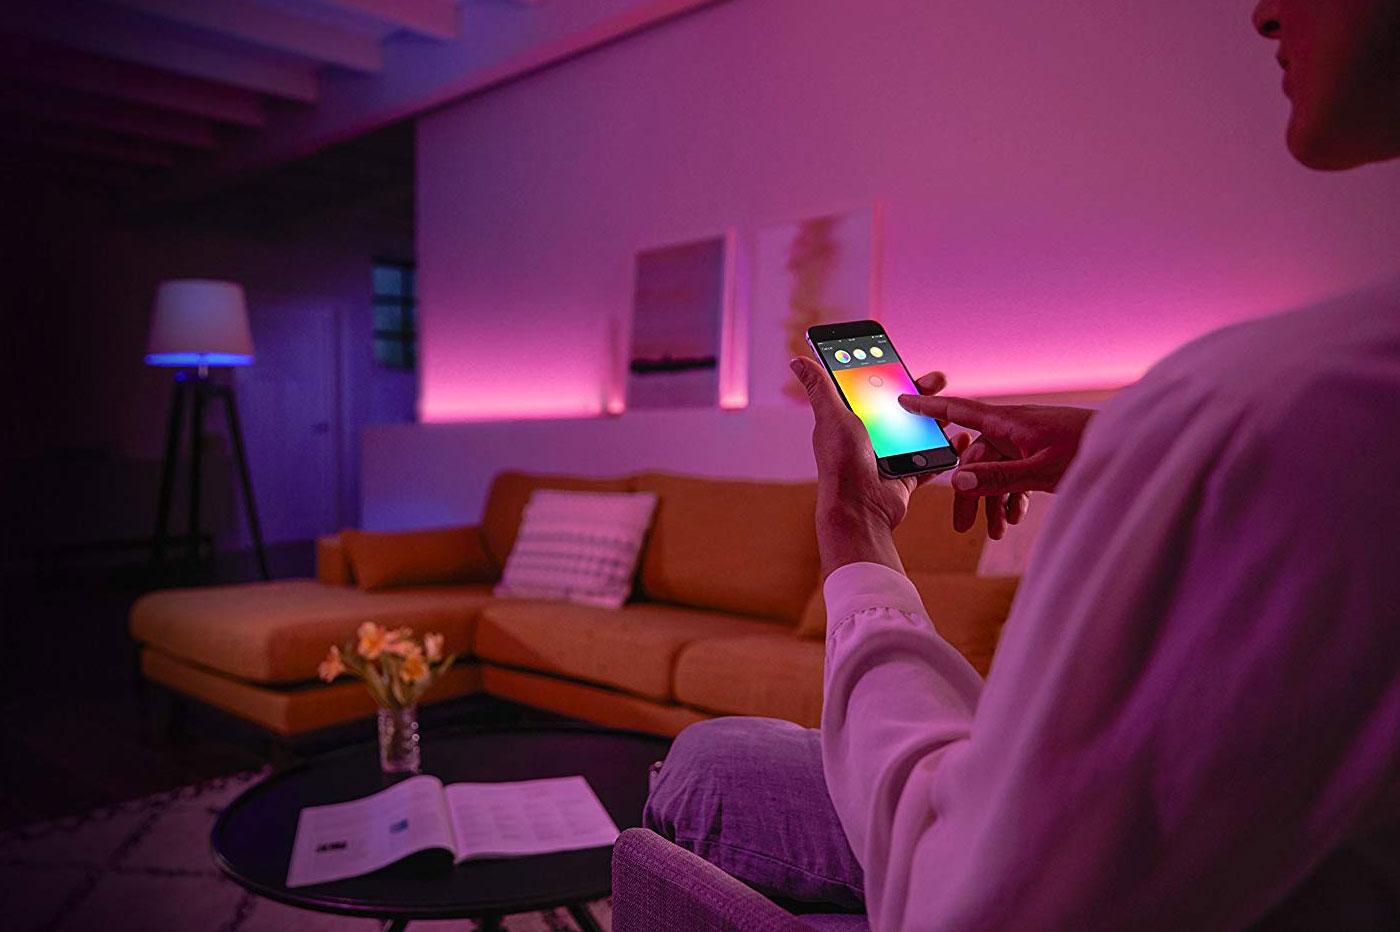 offre flash ampoules philips hue en promo 46 chez. Black Bedroom Furniture Sets. Home Design Ideas